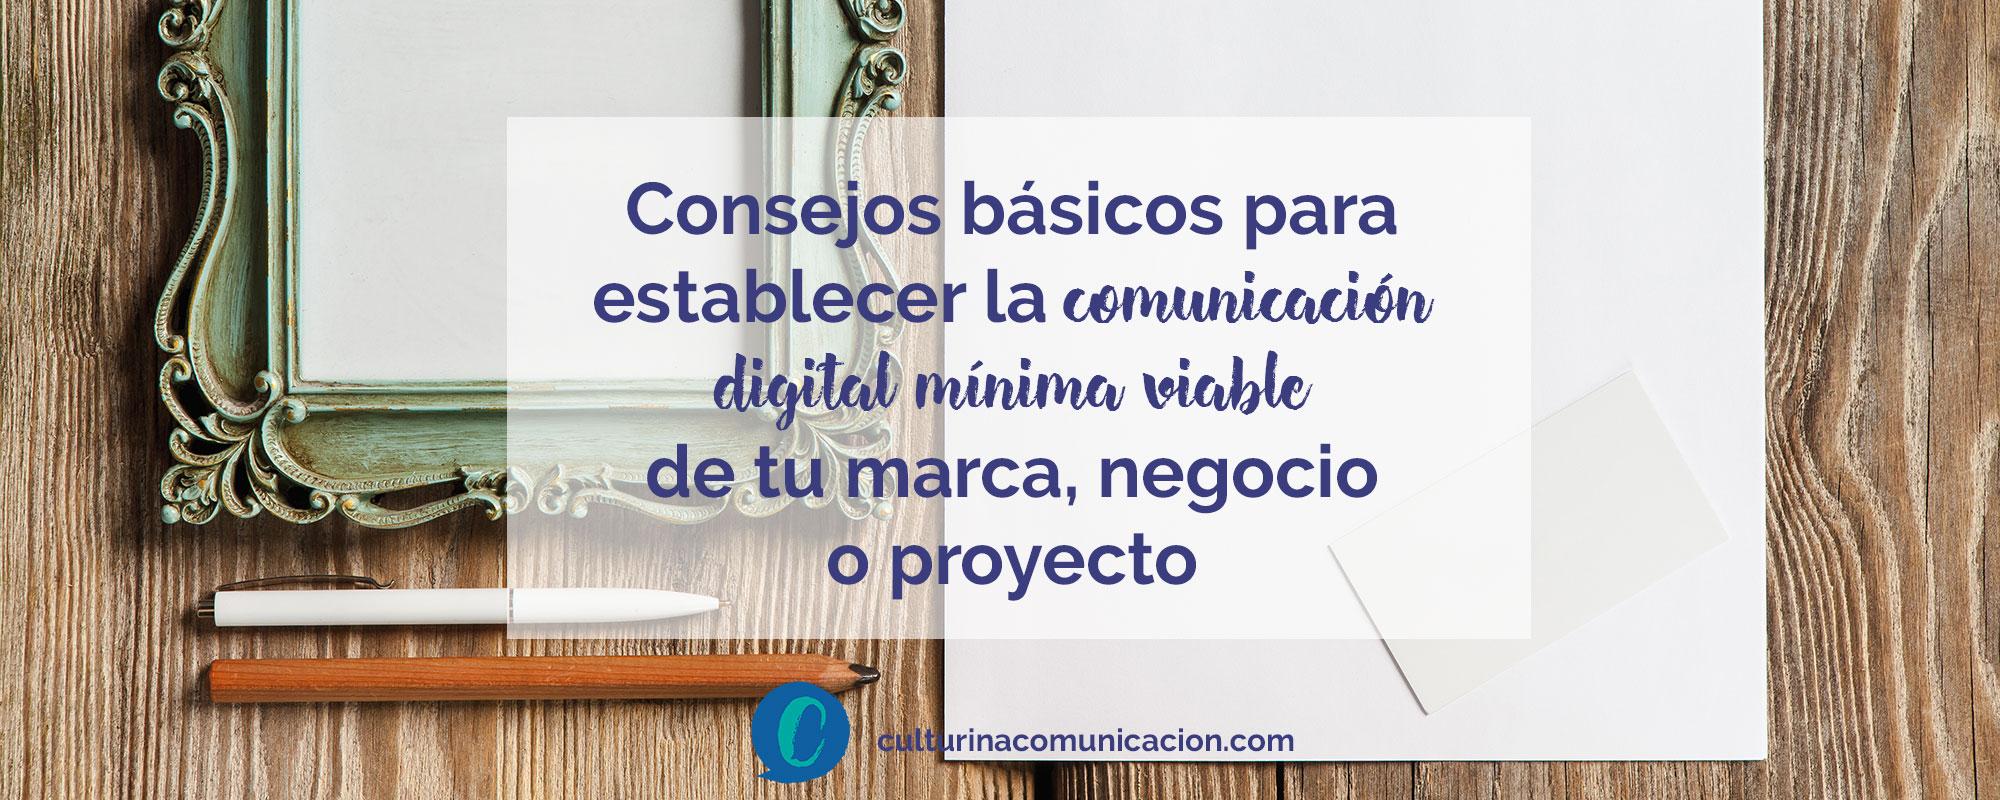 consejos básicos comunicación digital, culturina comunicación